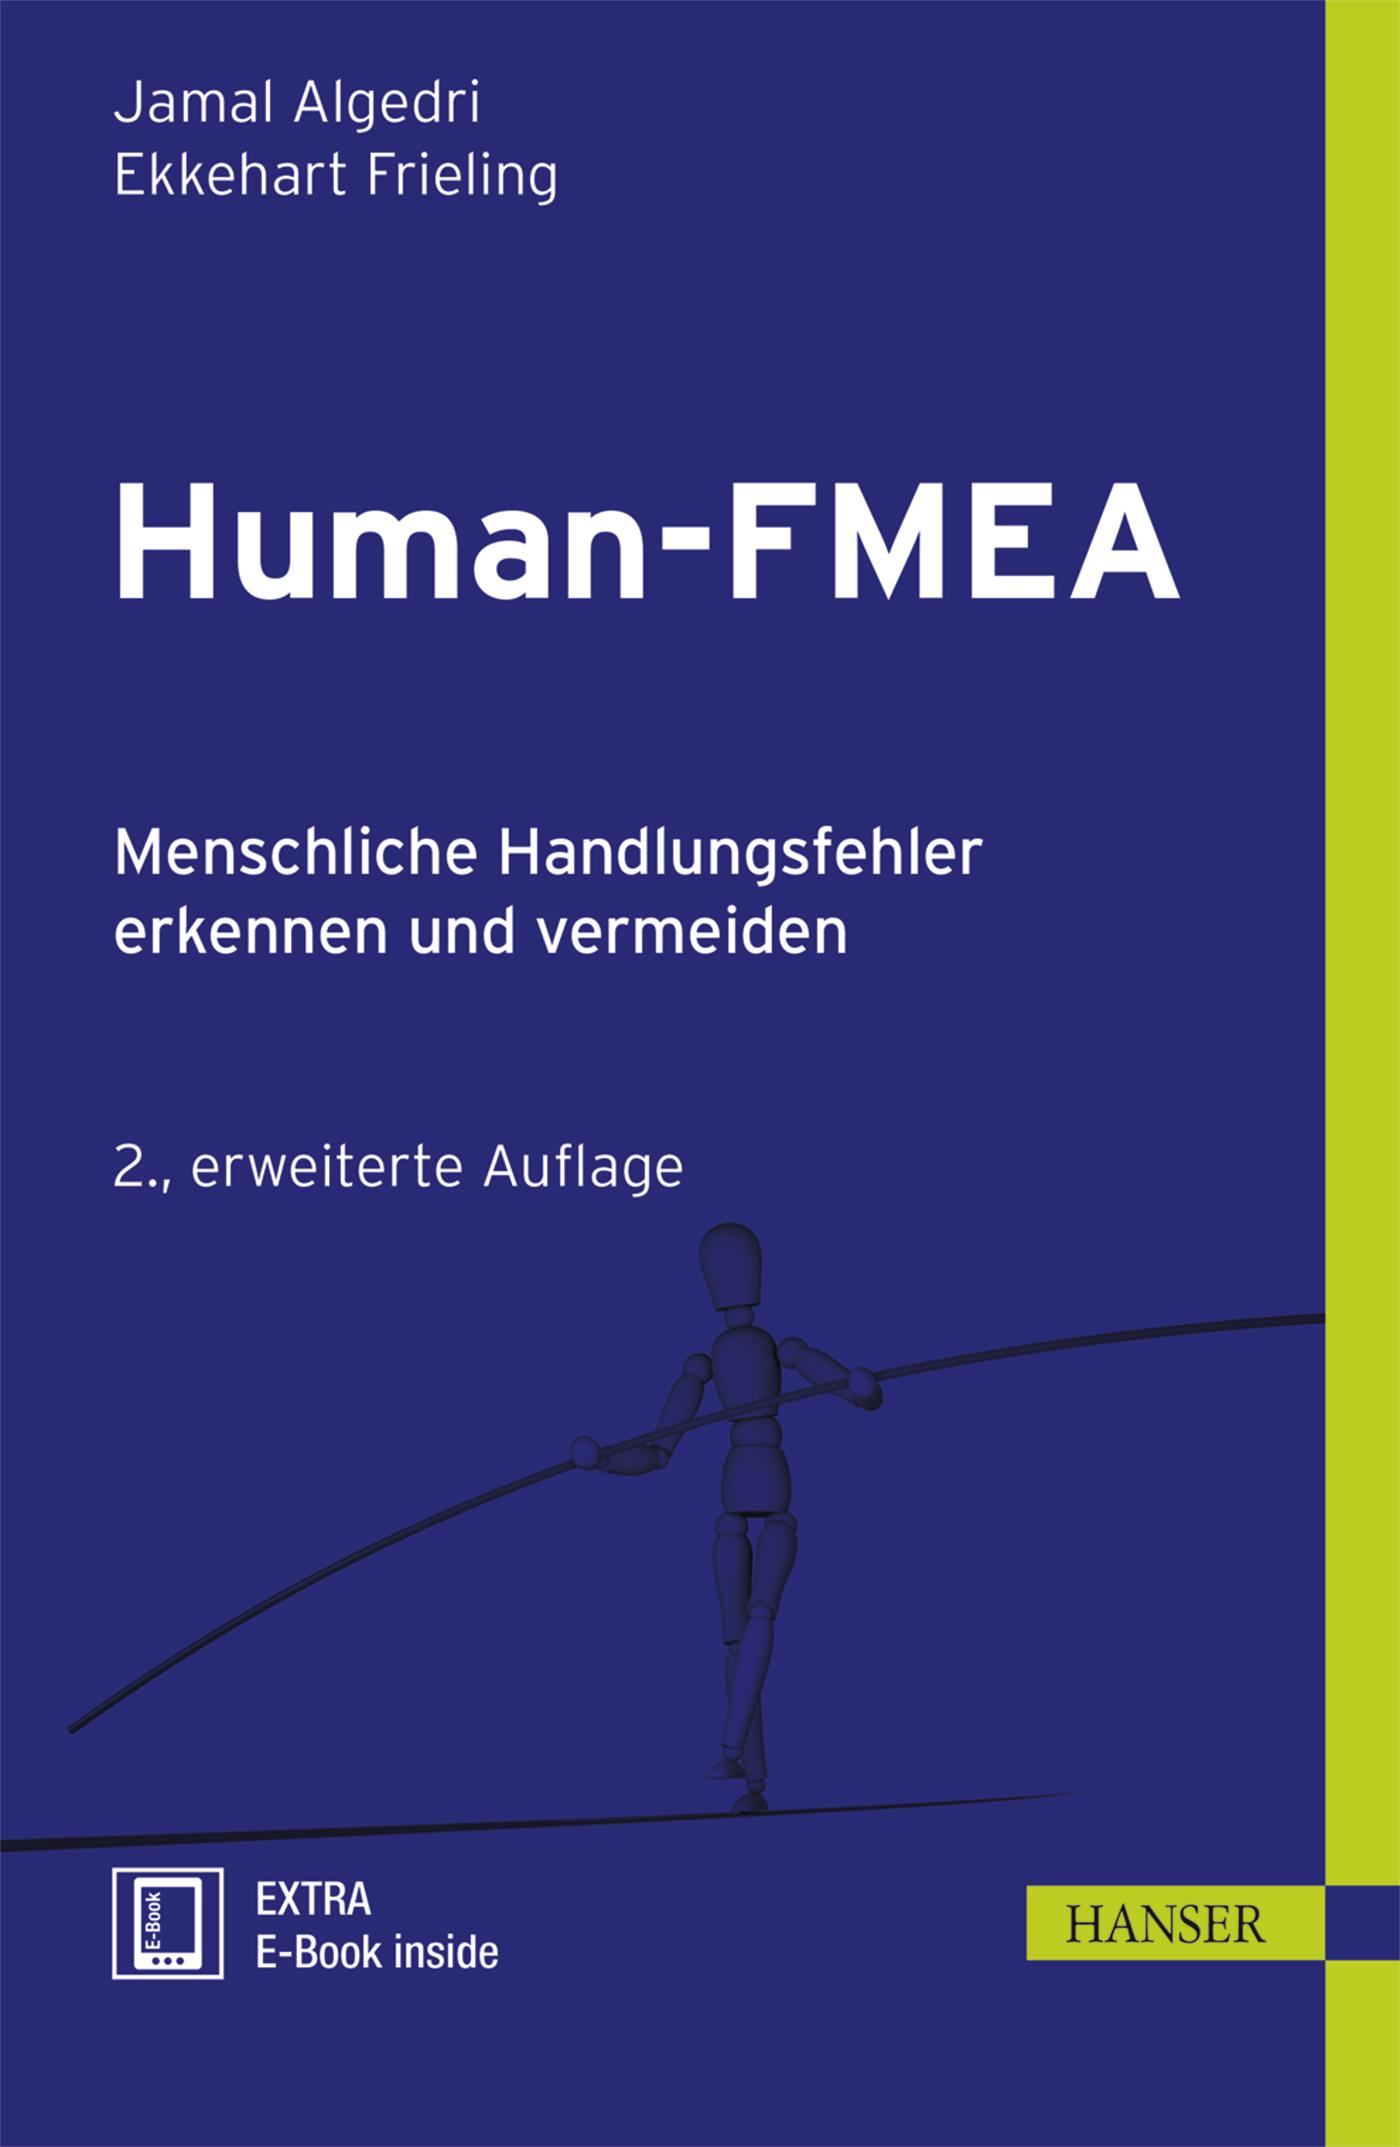 Algedri, Frieling, Human-FMEA, 978-3-446-44382-2